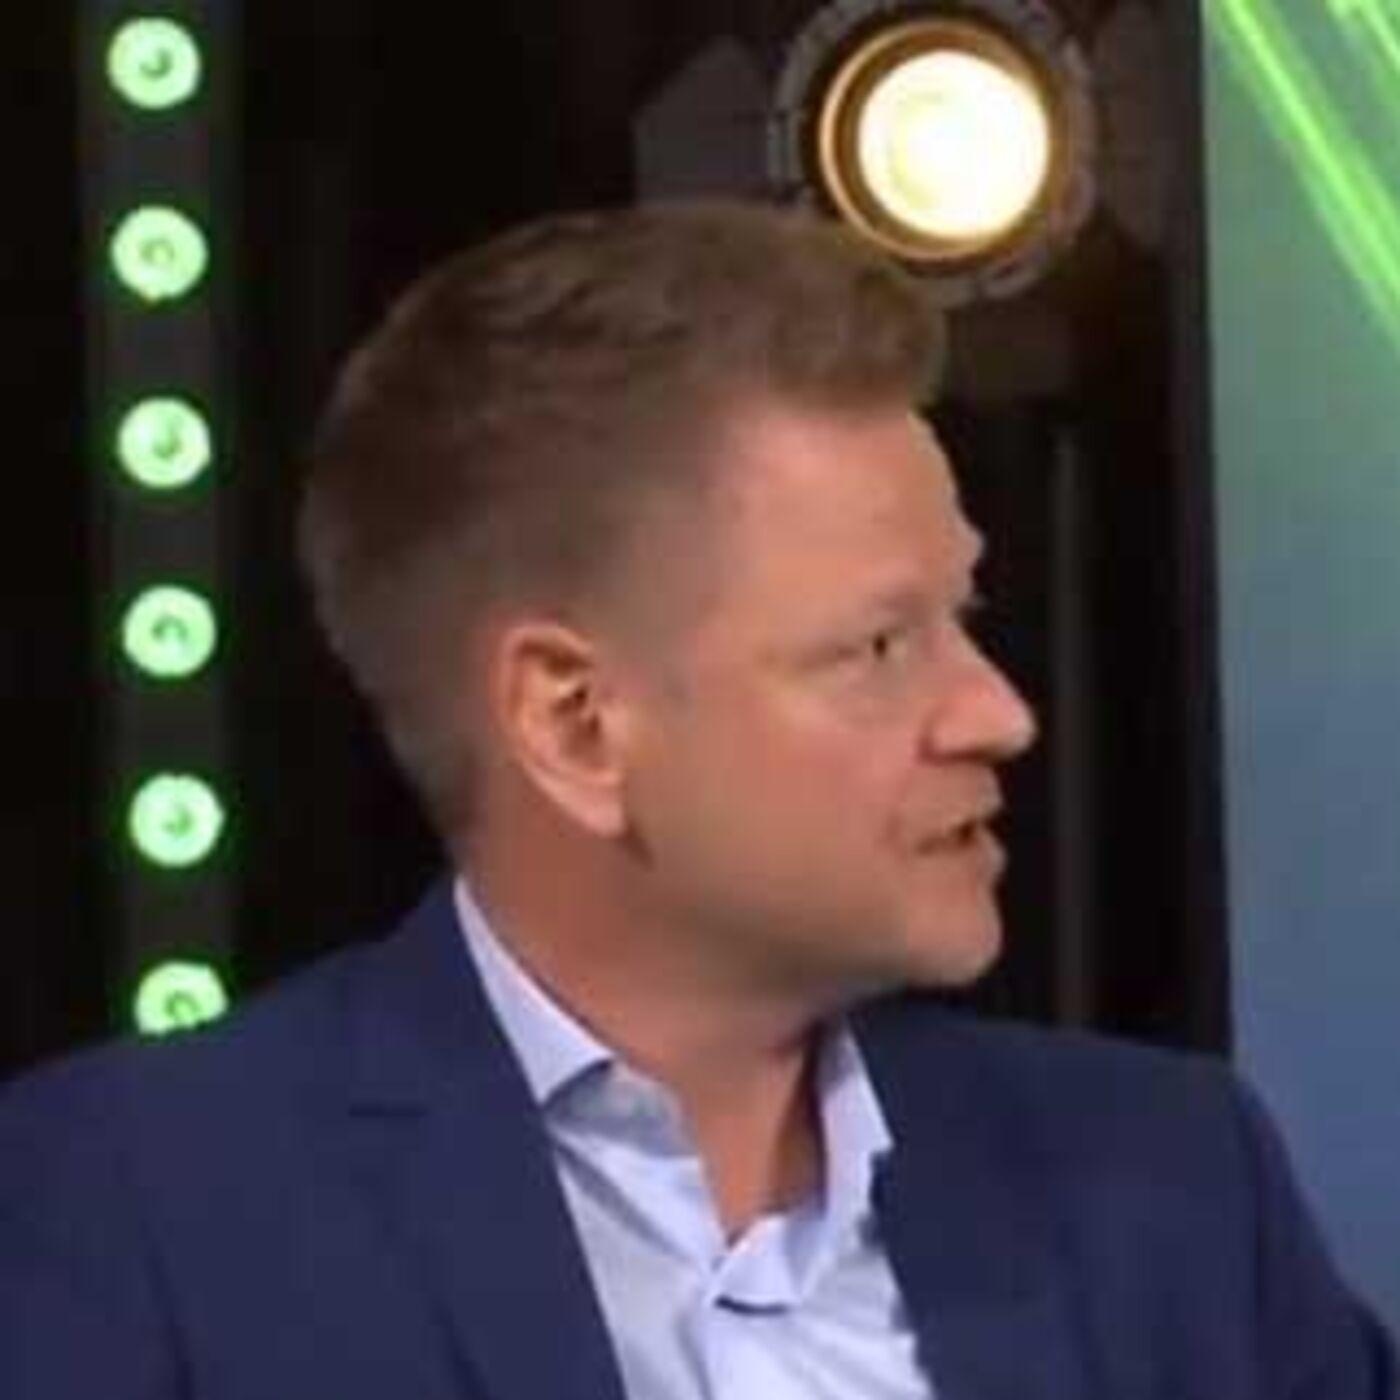 Digital risiko med Tom-André Røgden fra Nasjonalt Cybersikkerhetssenter